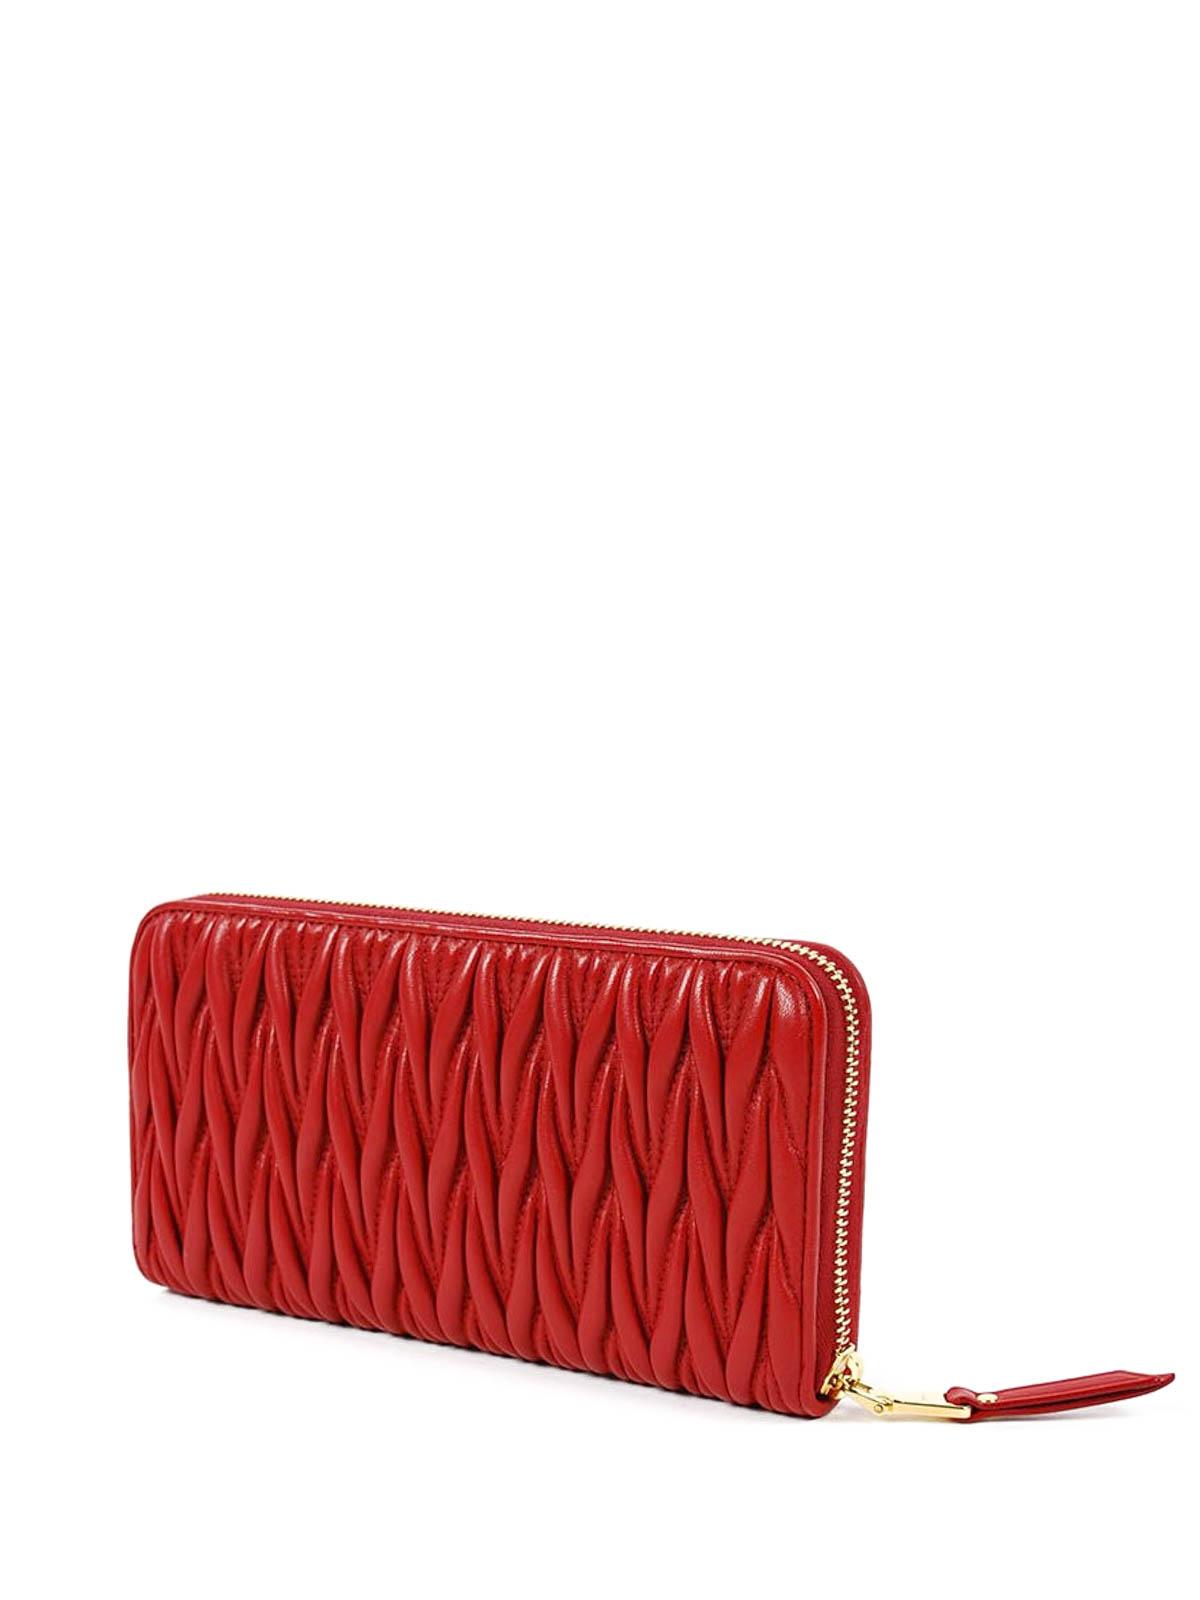 Miu Miu Quilted zipped wallet WePyoc5